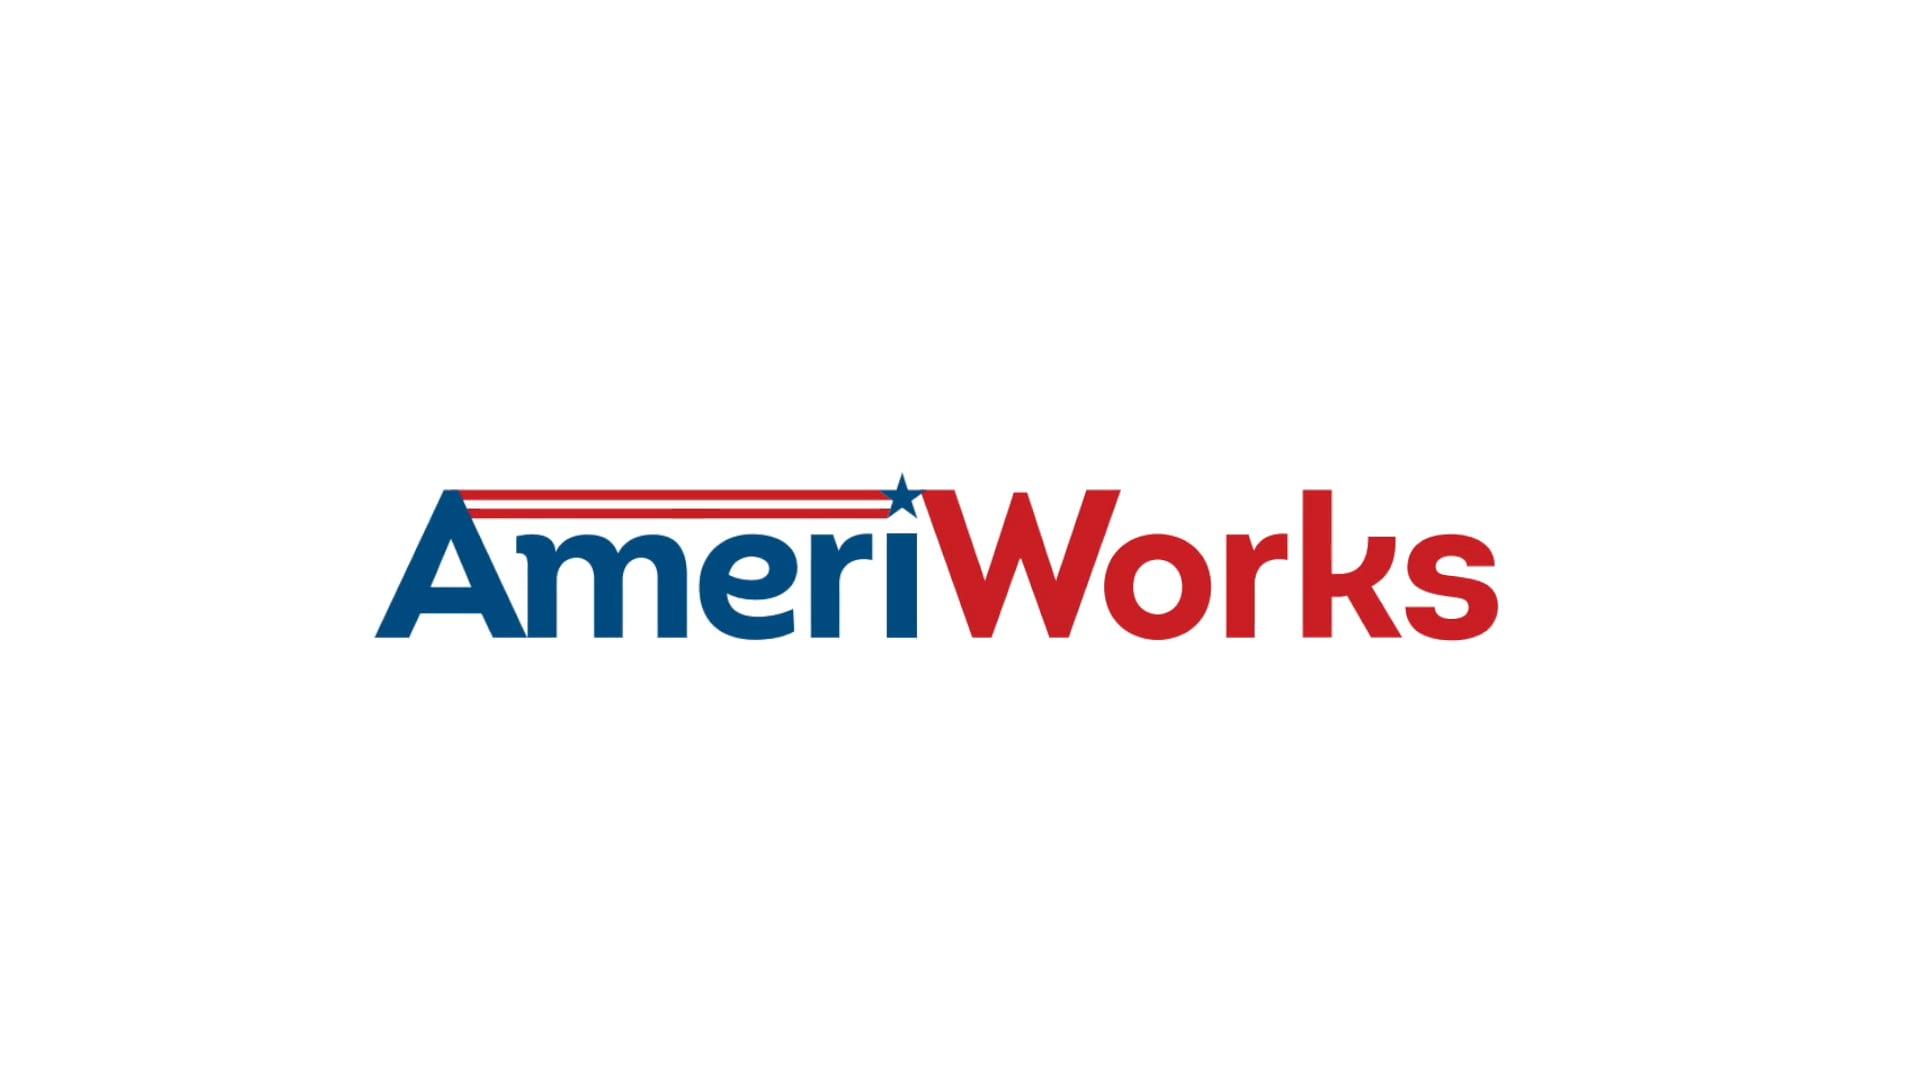 AmeriWorks